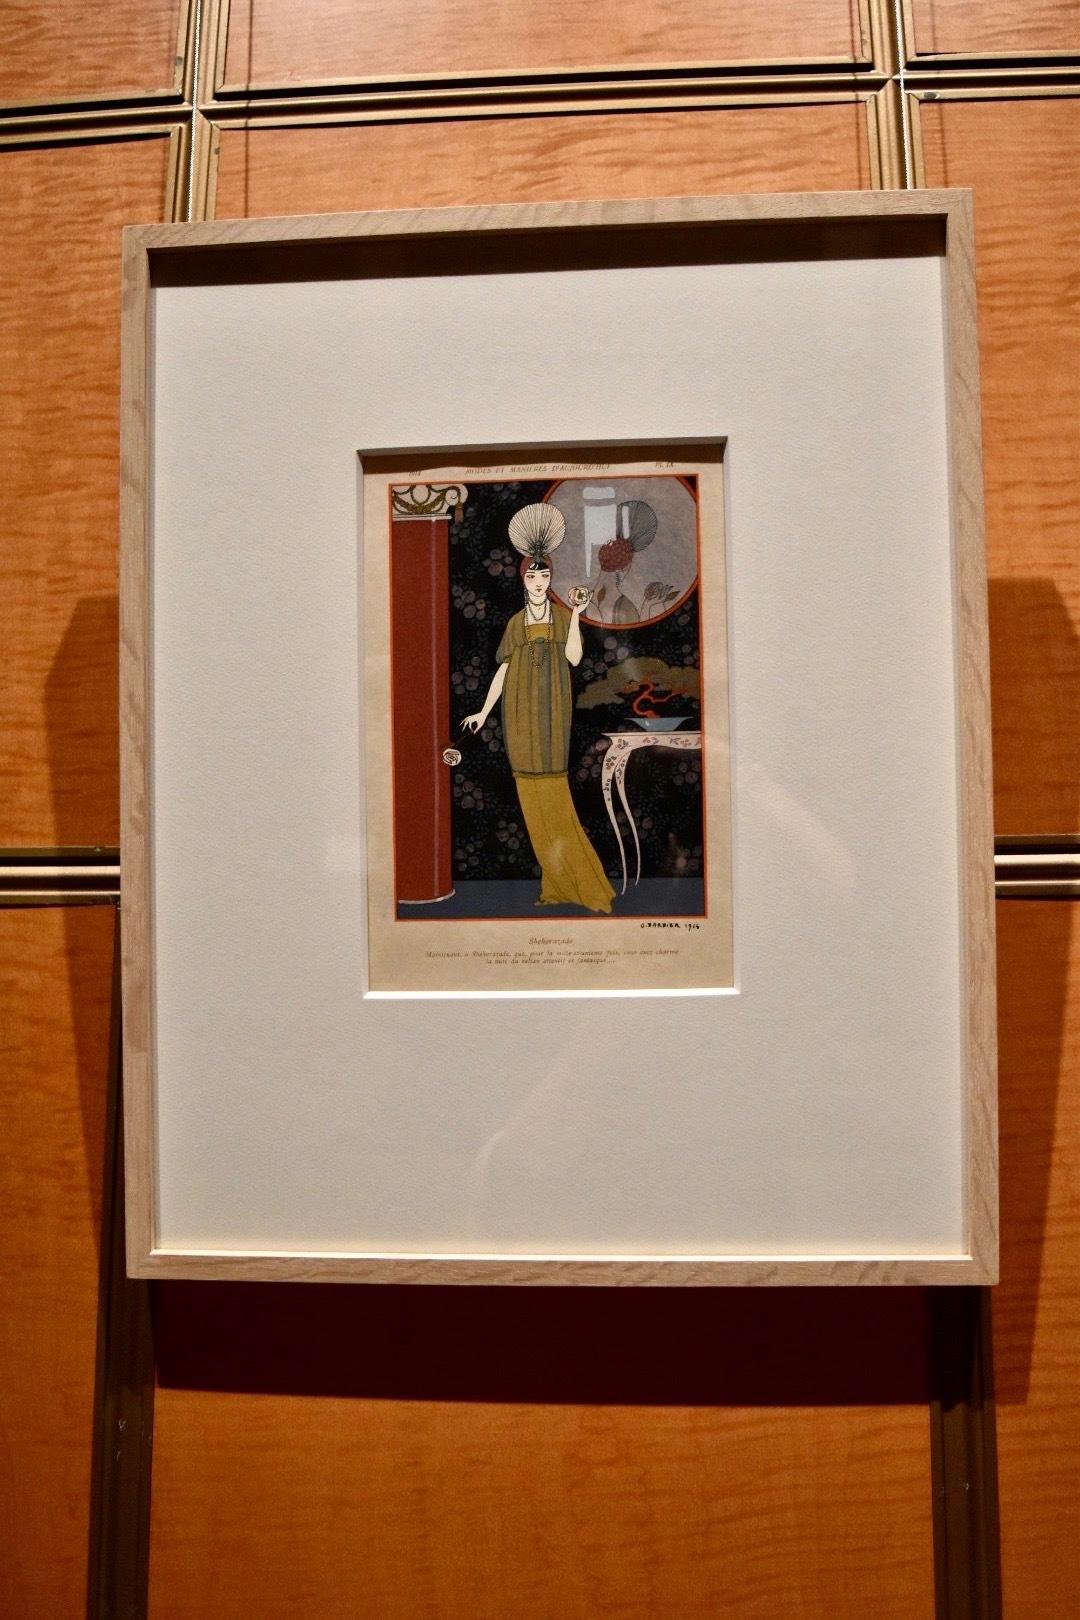 「シェエラザード」『モード・エ・マニエール・ドージュルドュイ』より(PI.9) ジョルジュ・バルビエ 1914年 島根県立石見美術館蔵